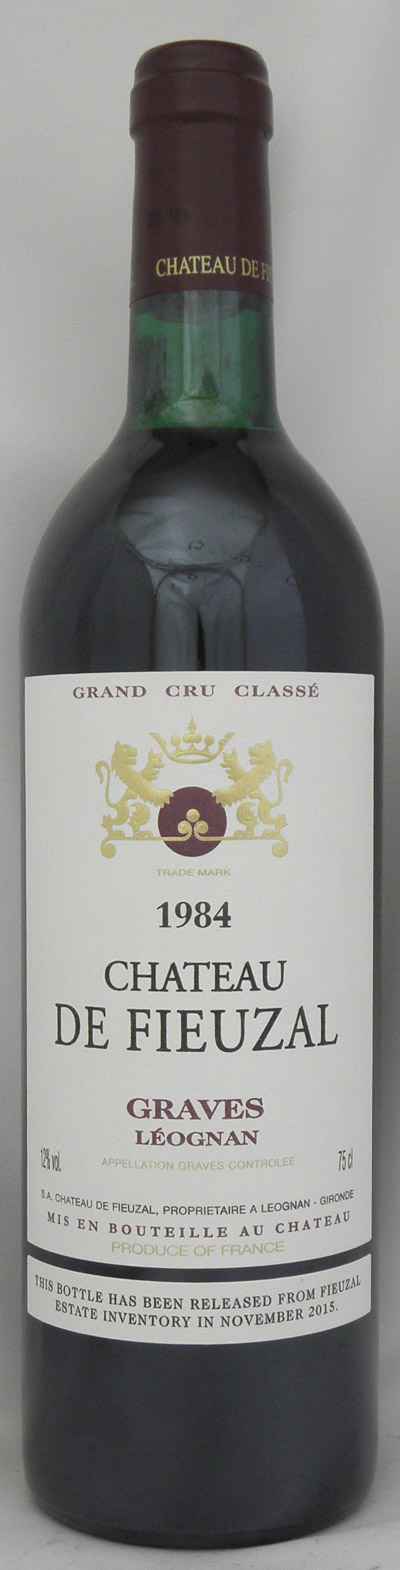 1984年 シャトー ド フューザル ルージュ(フランス 赤ワイン)